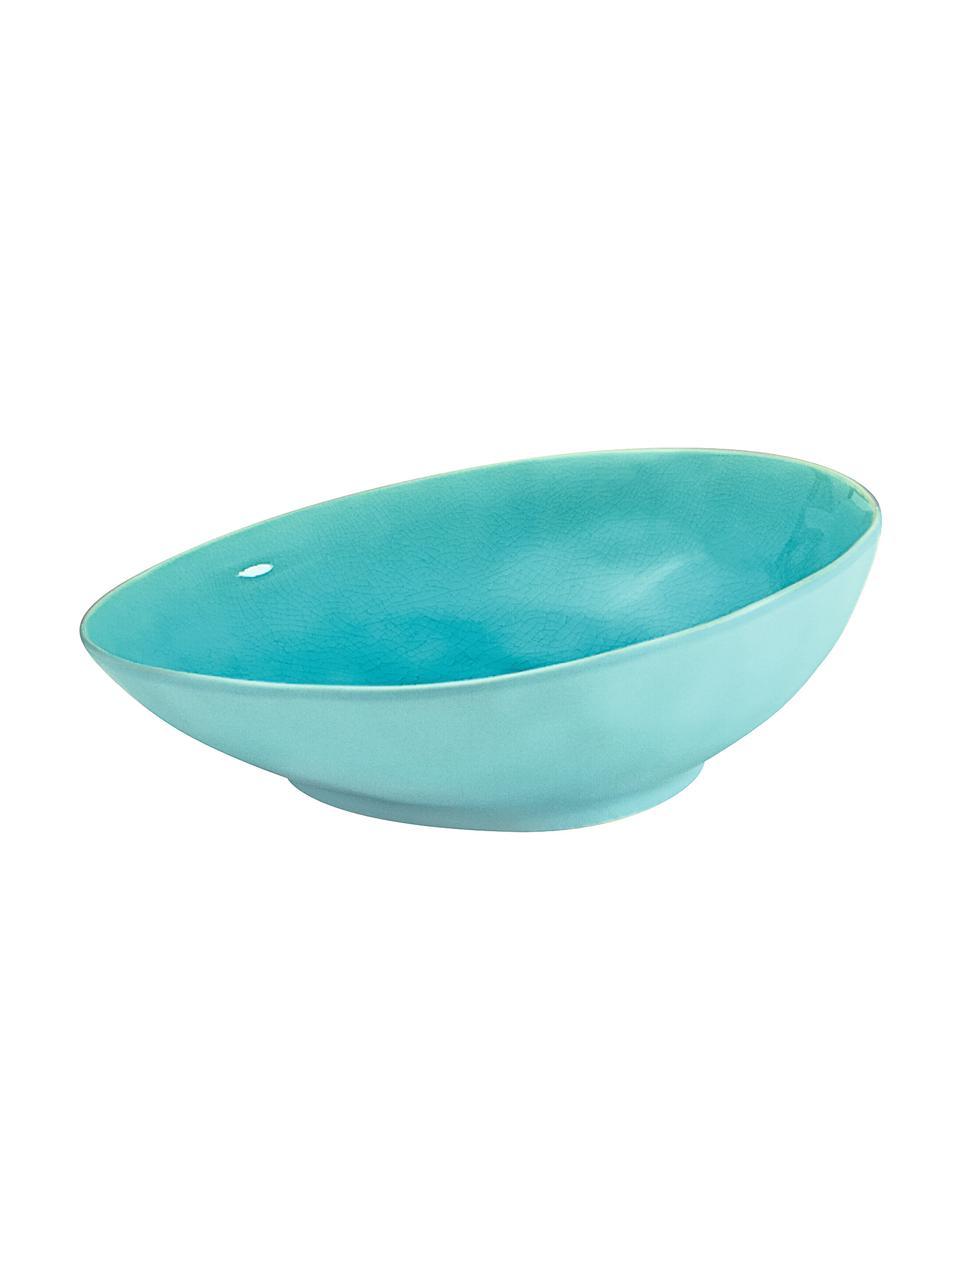 Bol apéritif porcelaine ovale turquoise Plage, 2pièces, Turquoise